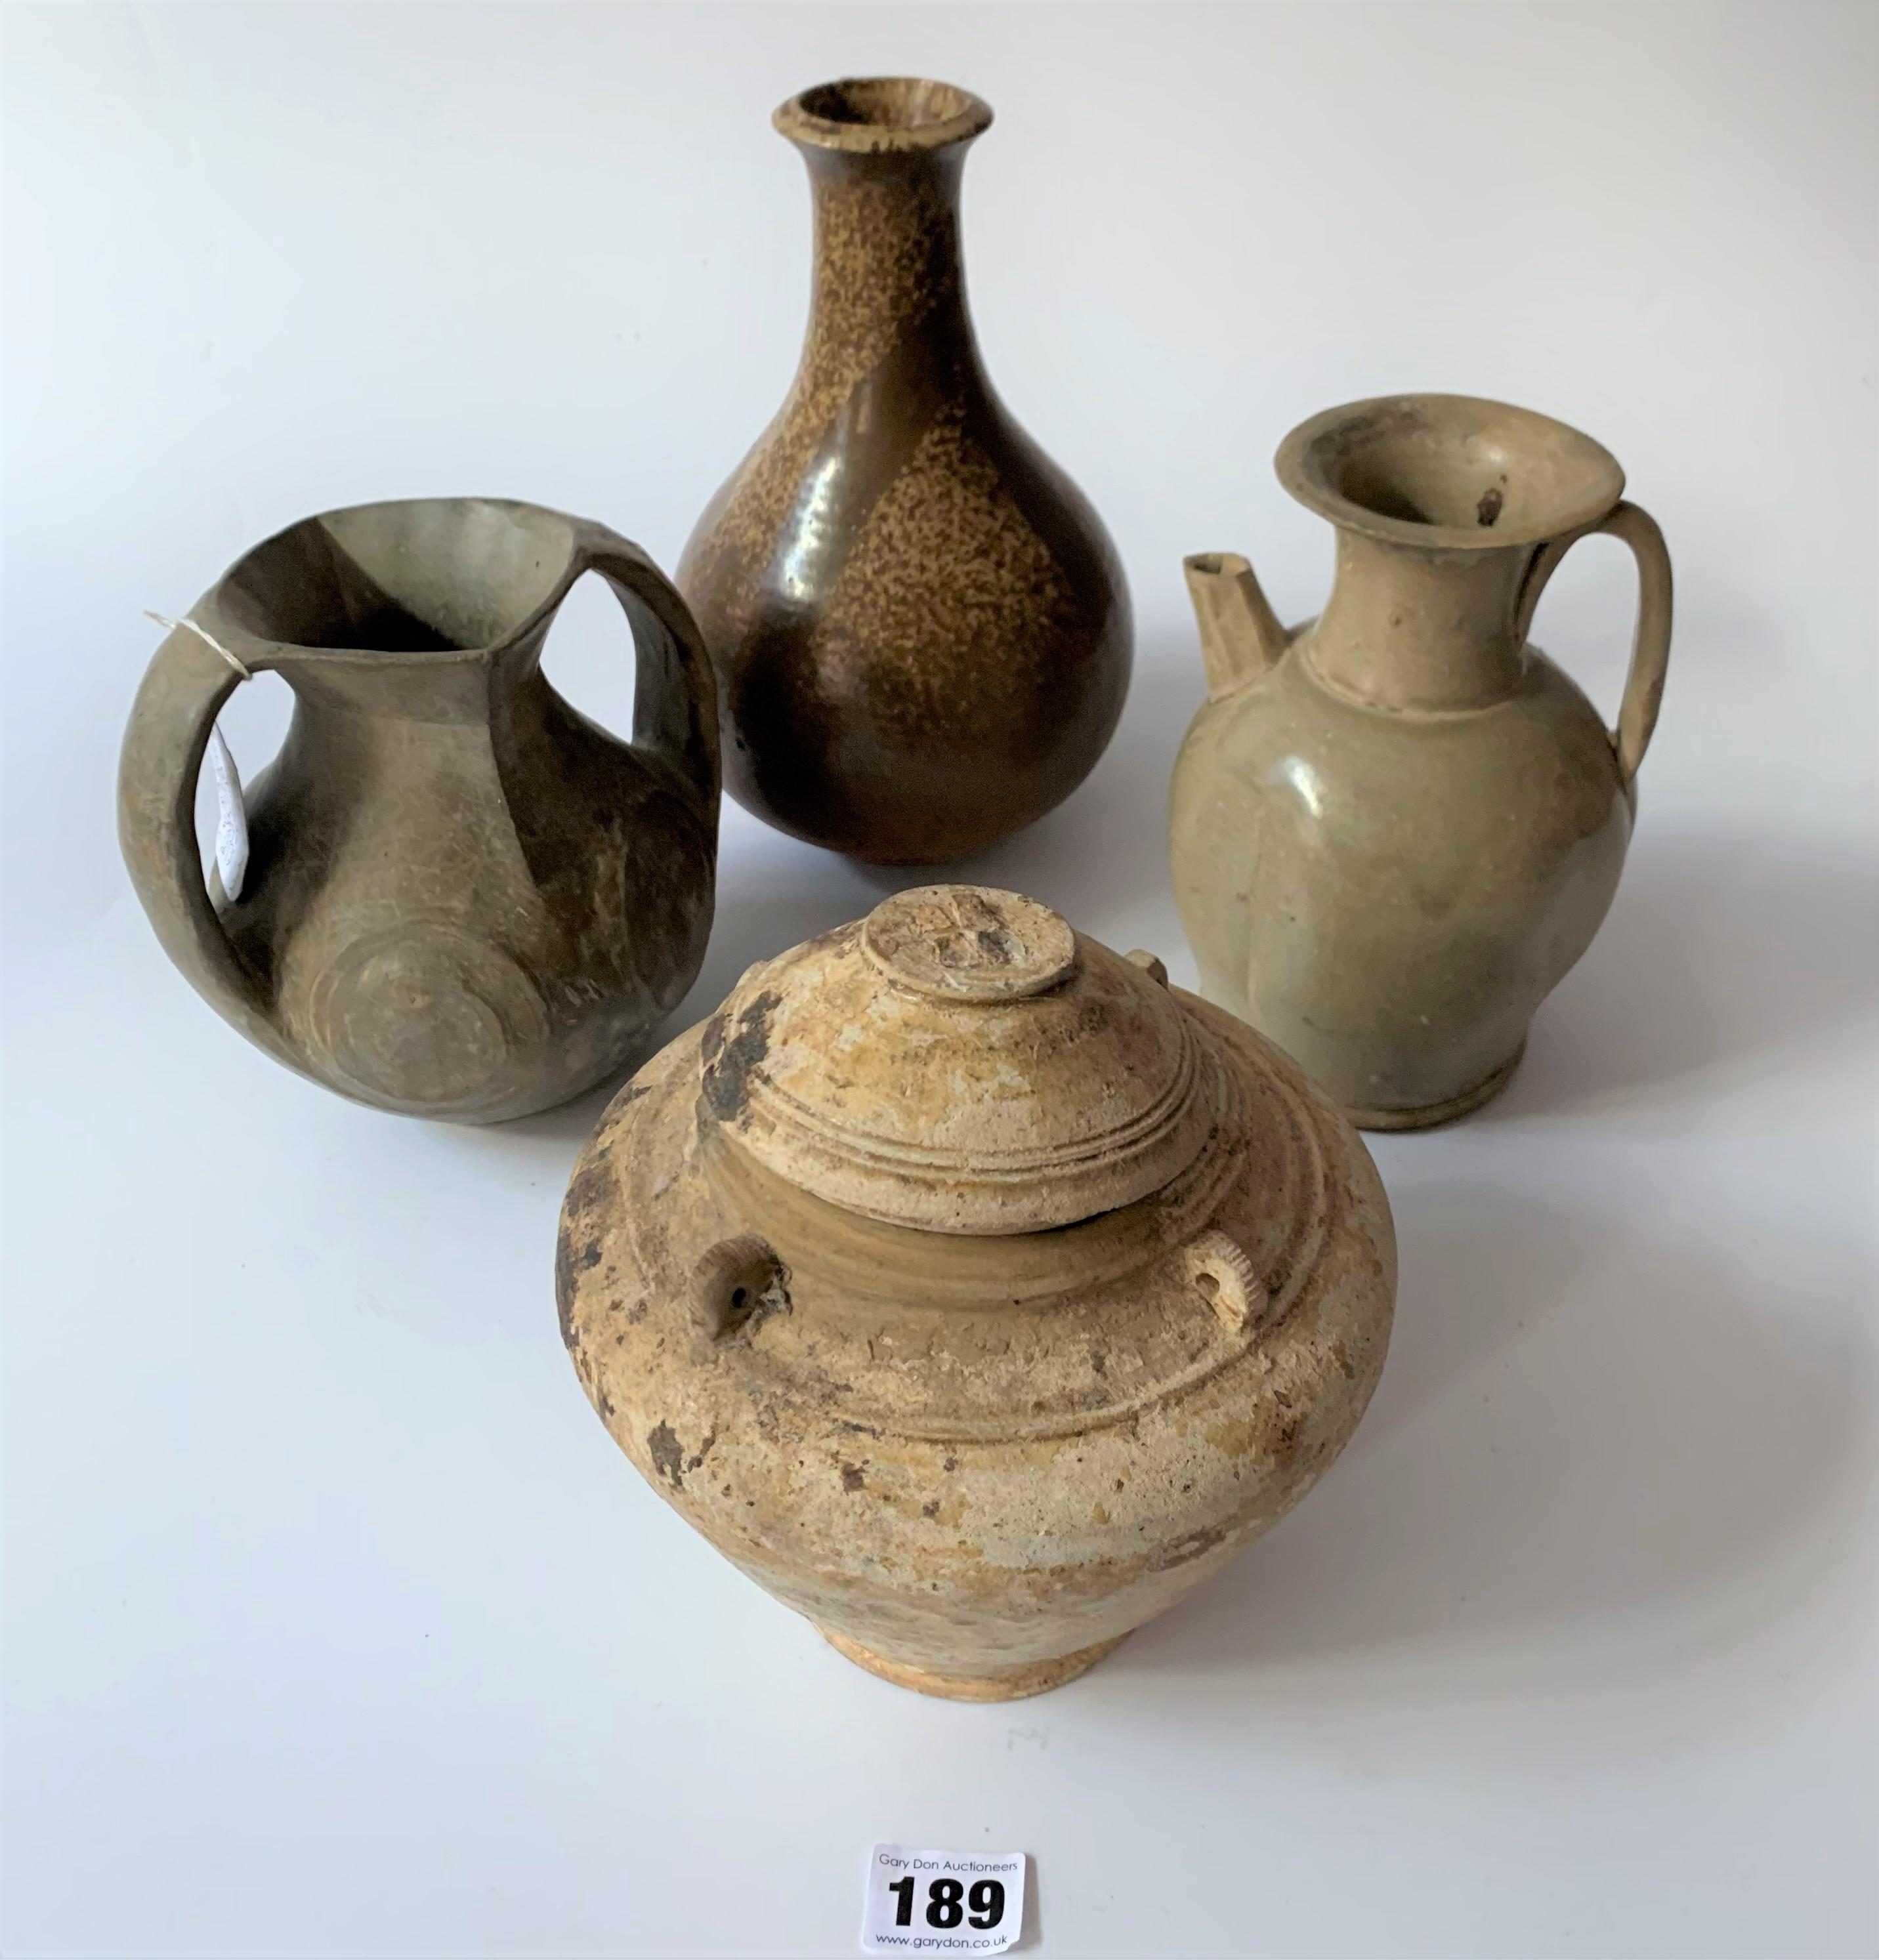 4 stoneware vases